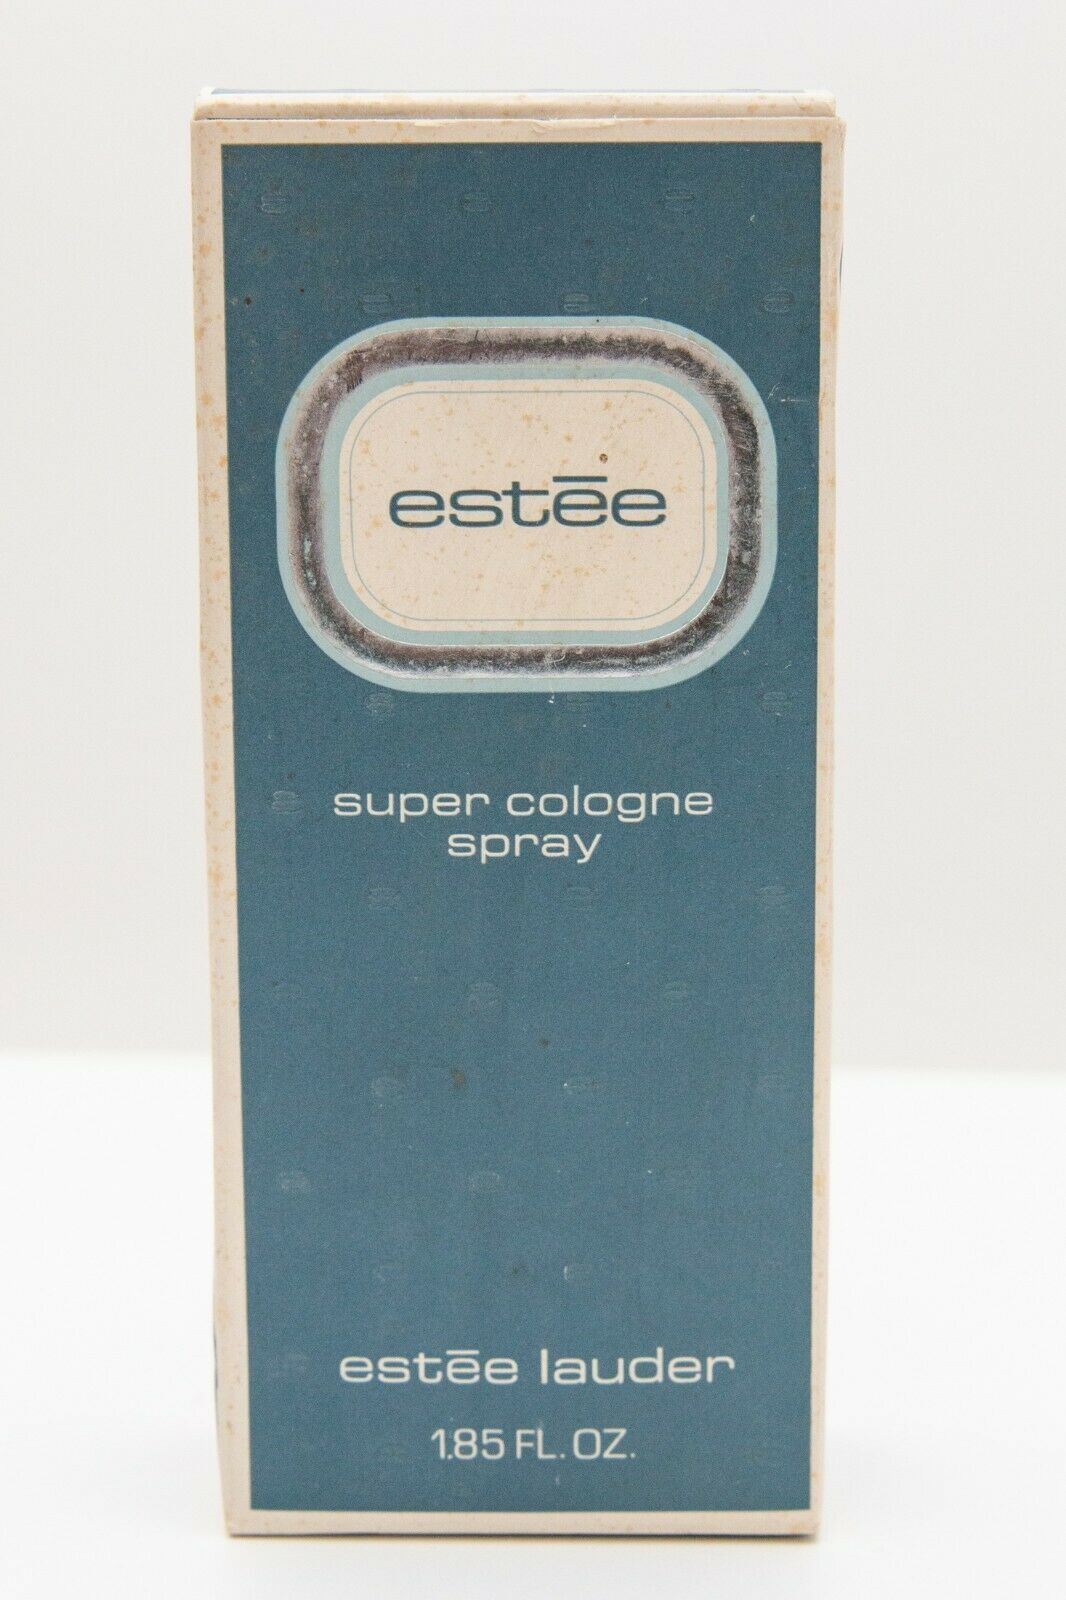 Estee Lauder ESTEE Super Cologne Spray 1.85 oz Vintage # 4057 New in Box